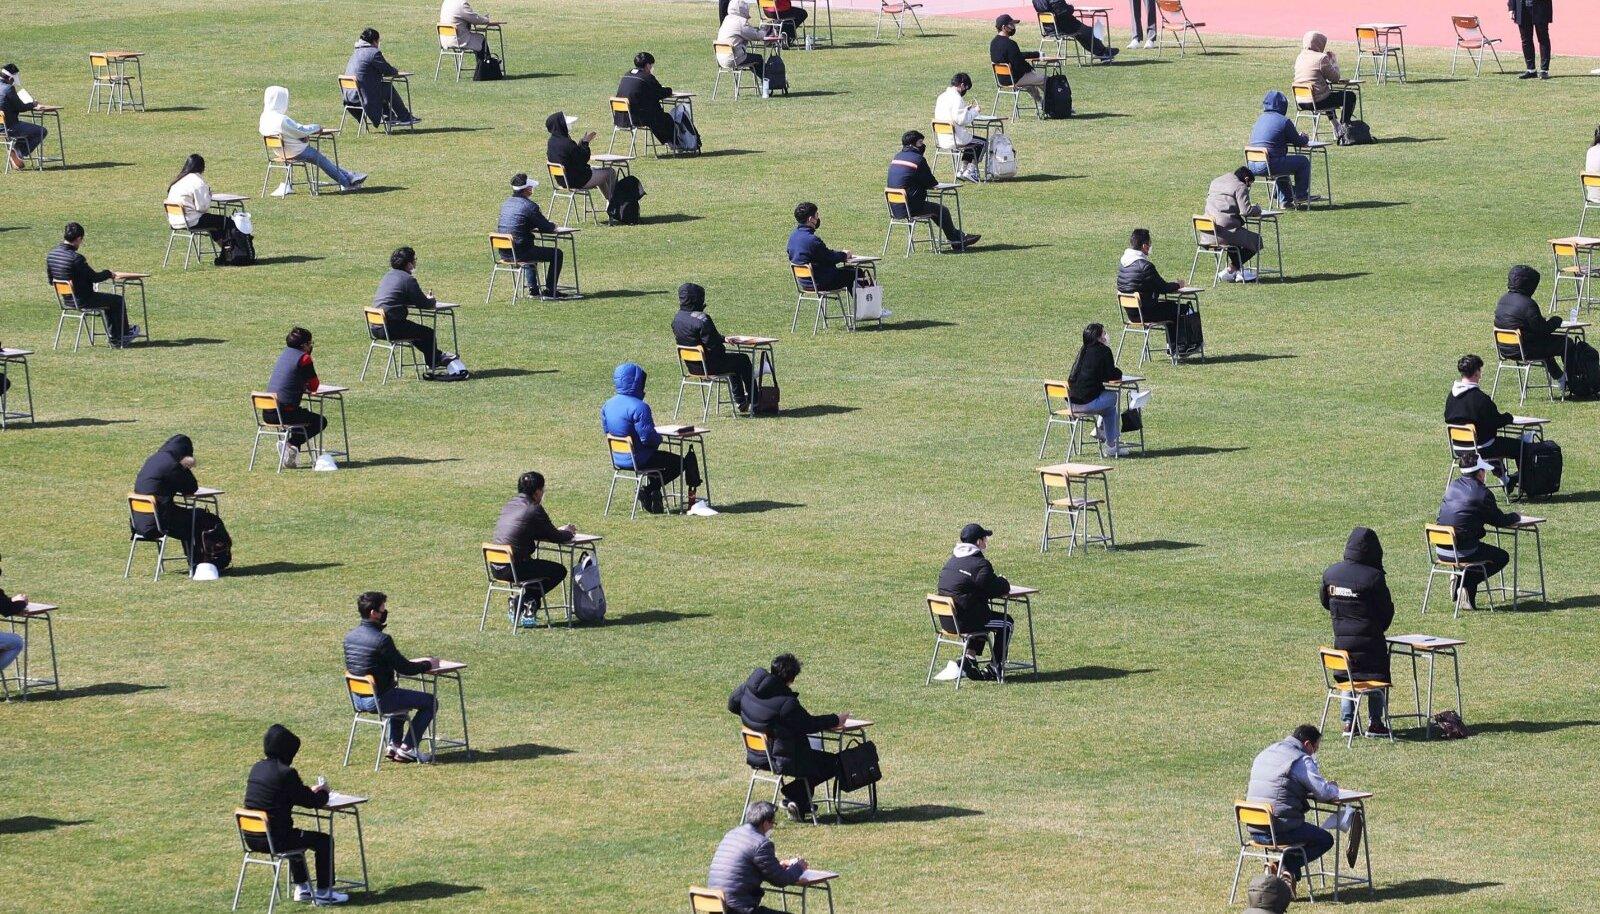 Lõuna-Korea õpilased eksamit sooritamas.